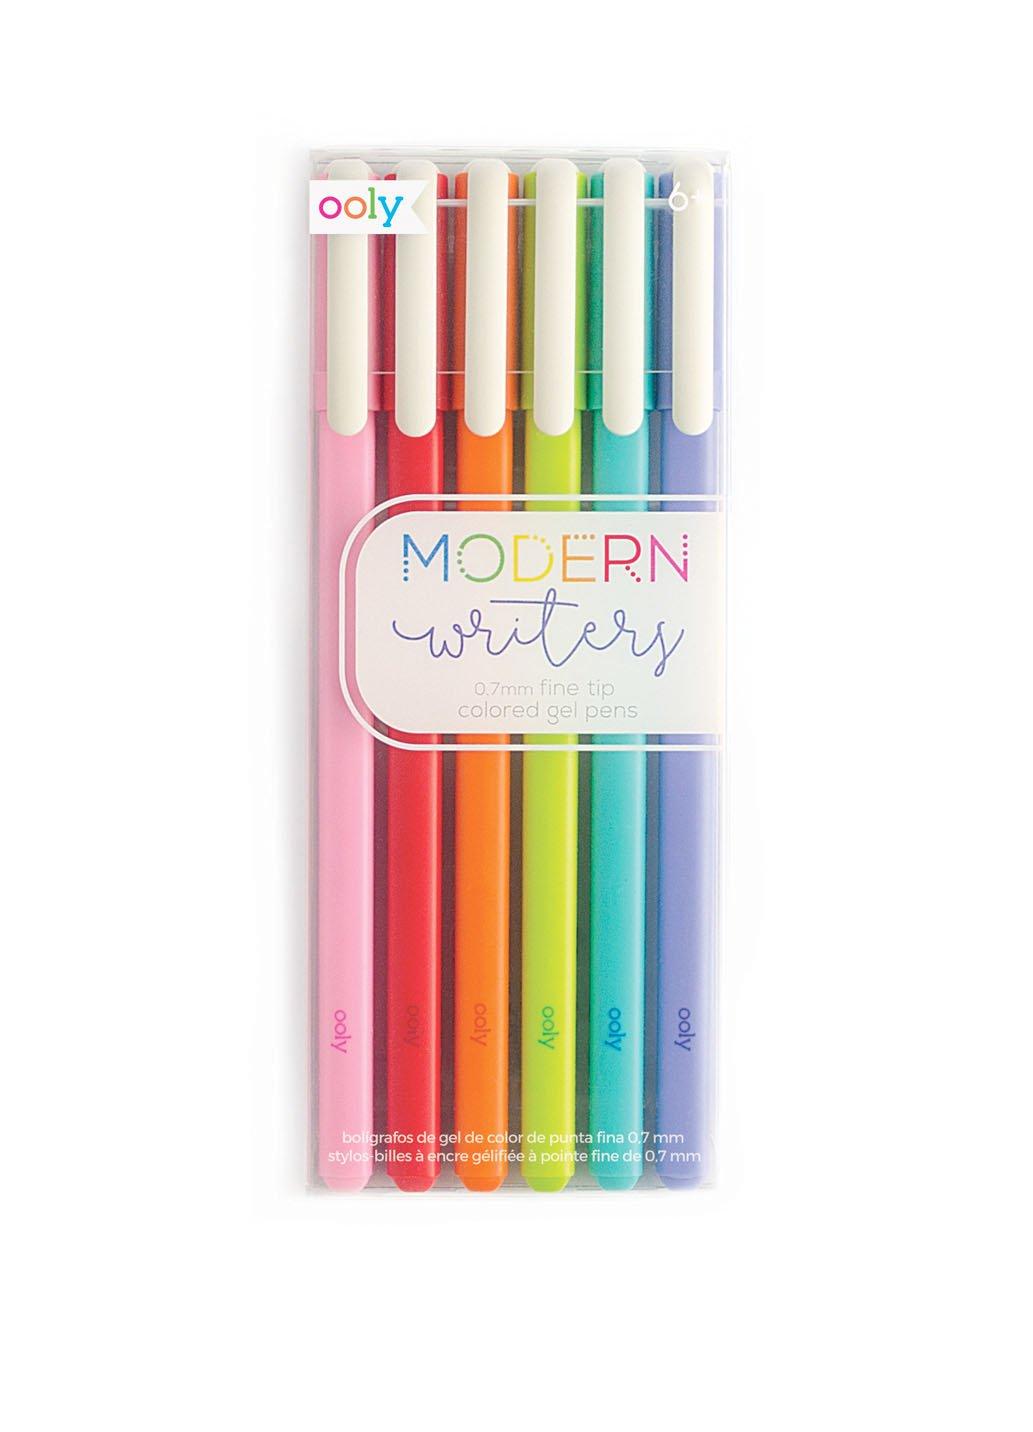 OOLY,  Modern Writers Gel Pens, Set of 6